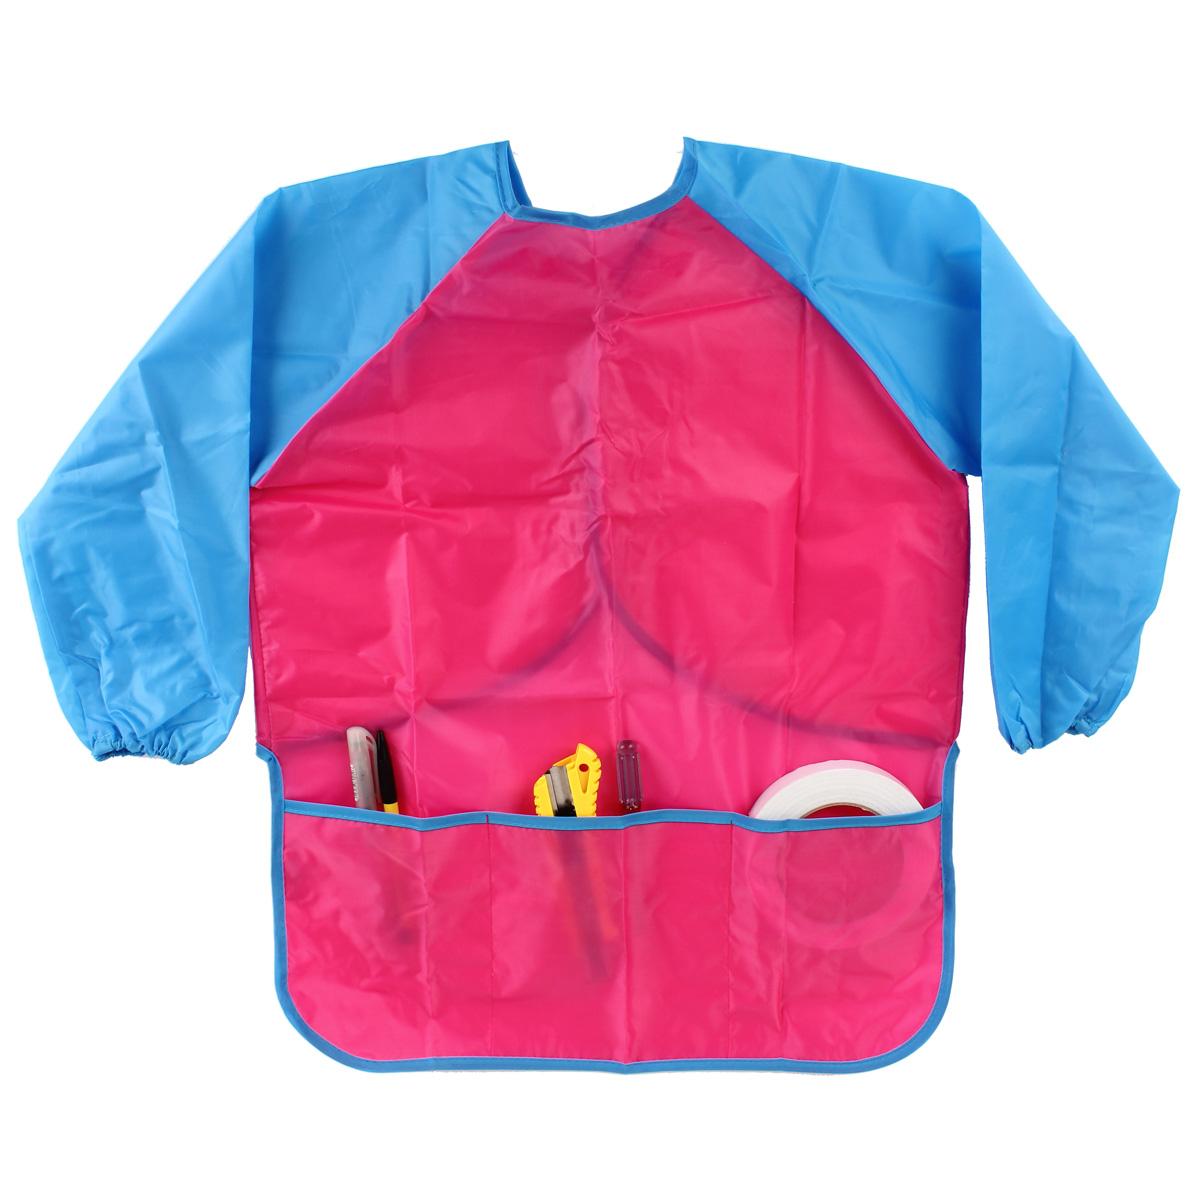 mignon enfant tablier veste chemise etanche costume pour art peinture et cuisine ebay. Black Bedroom Furniture Sets. Home Design Ideas